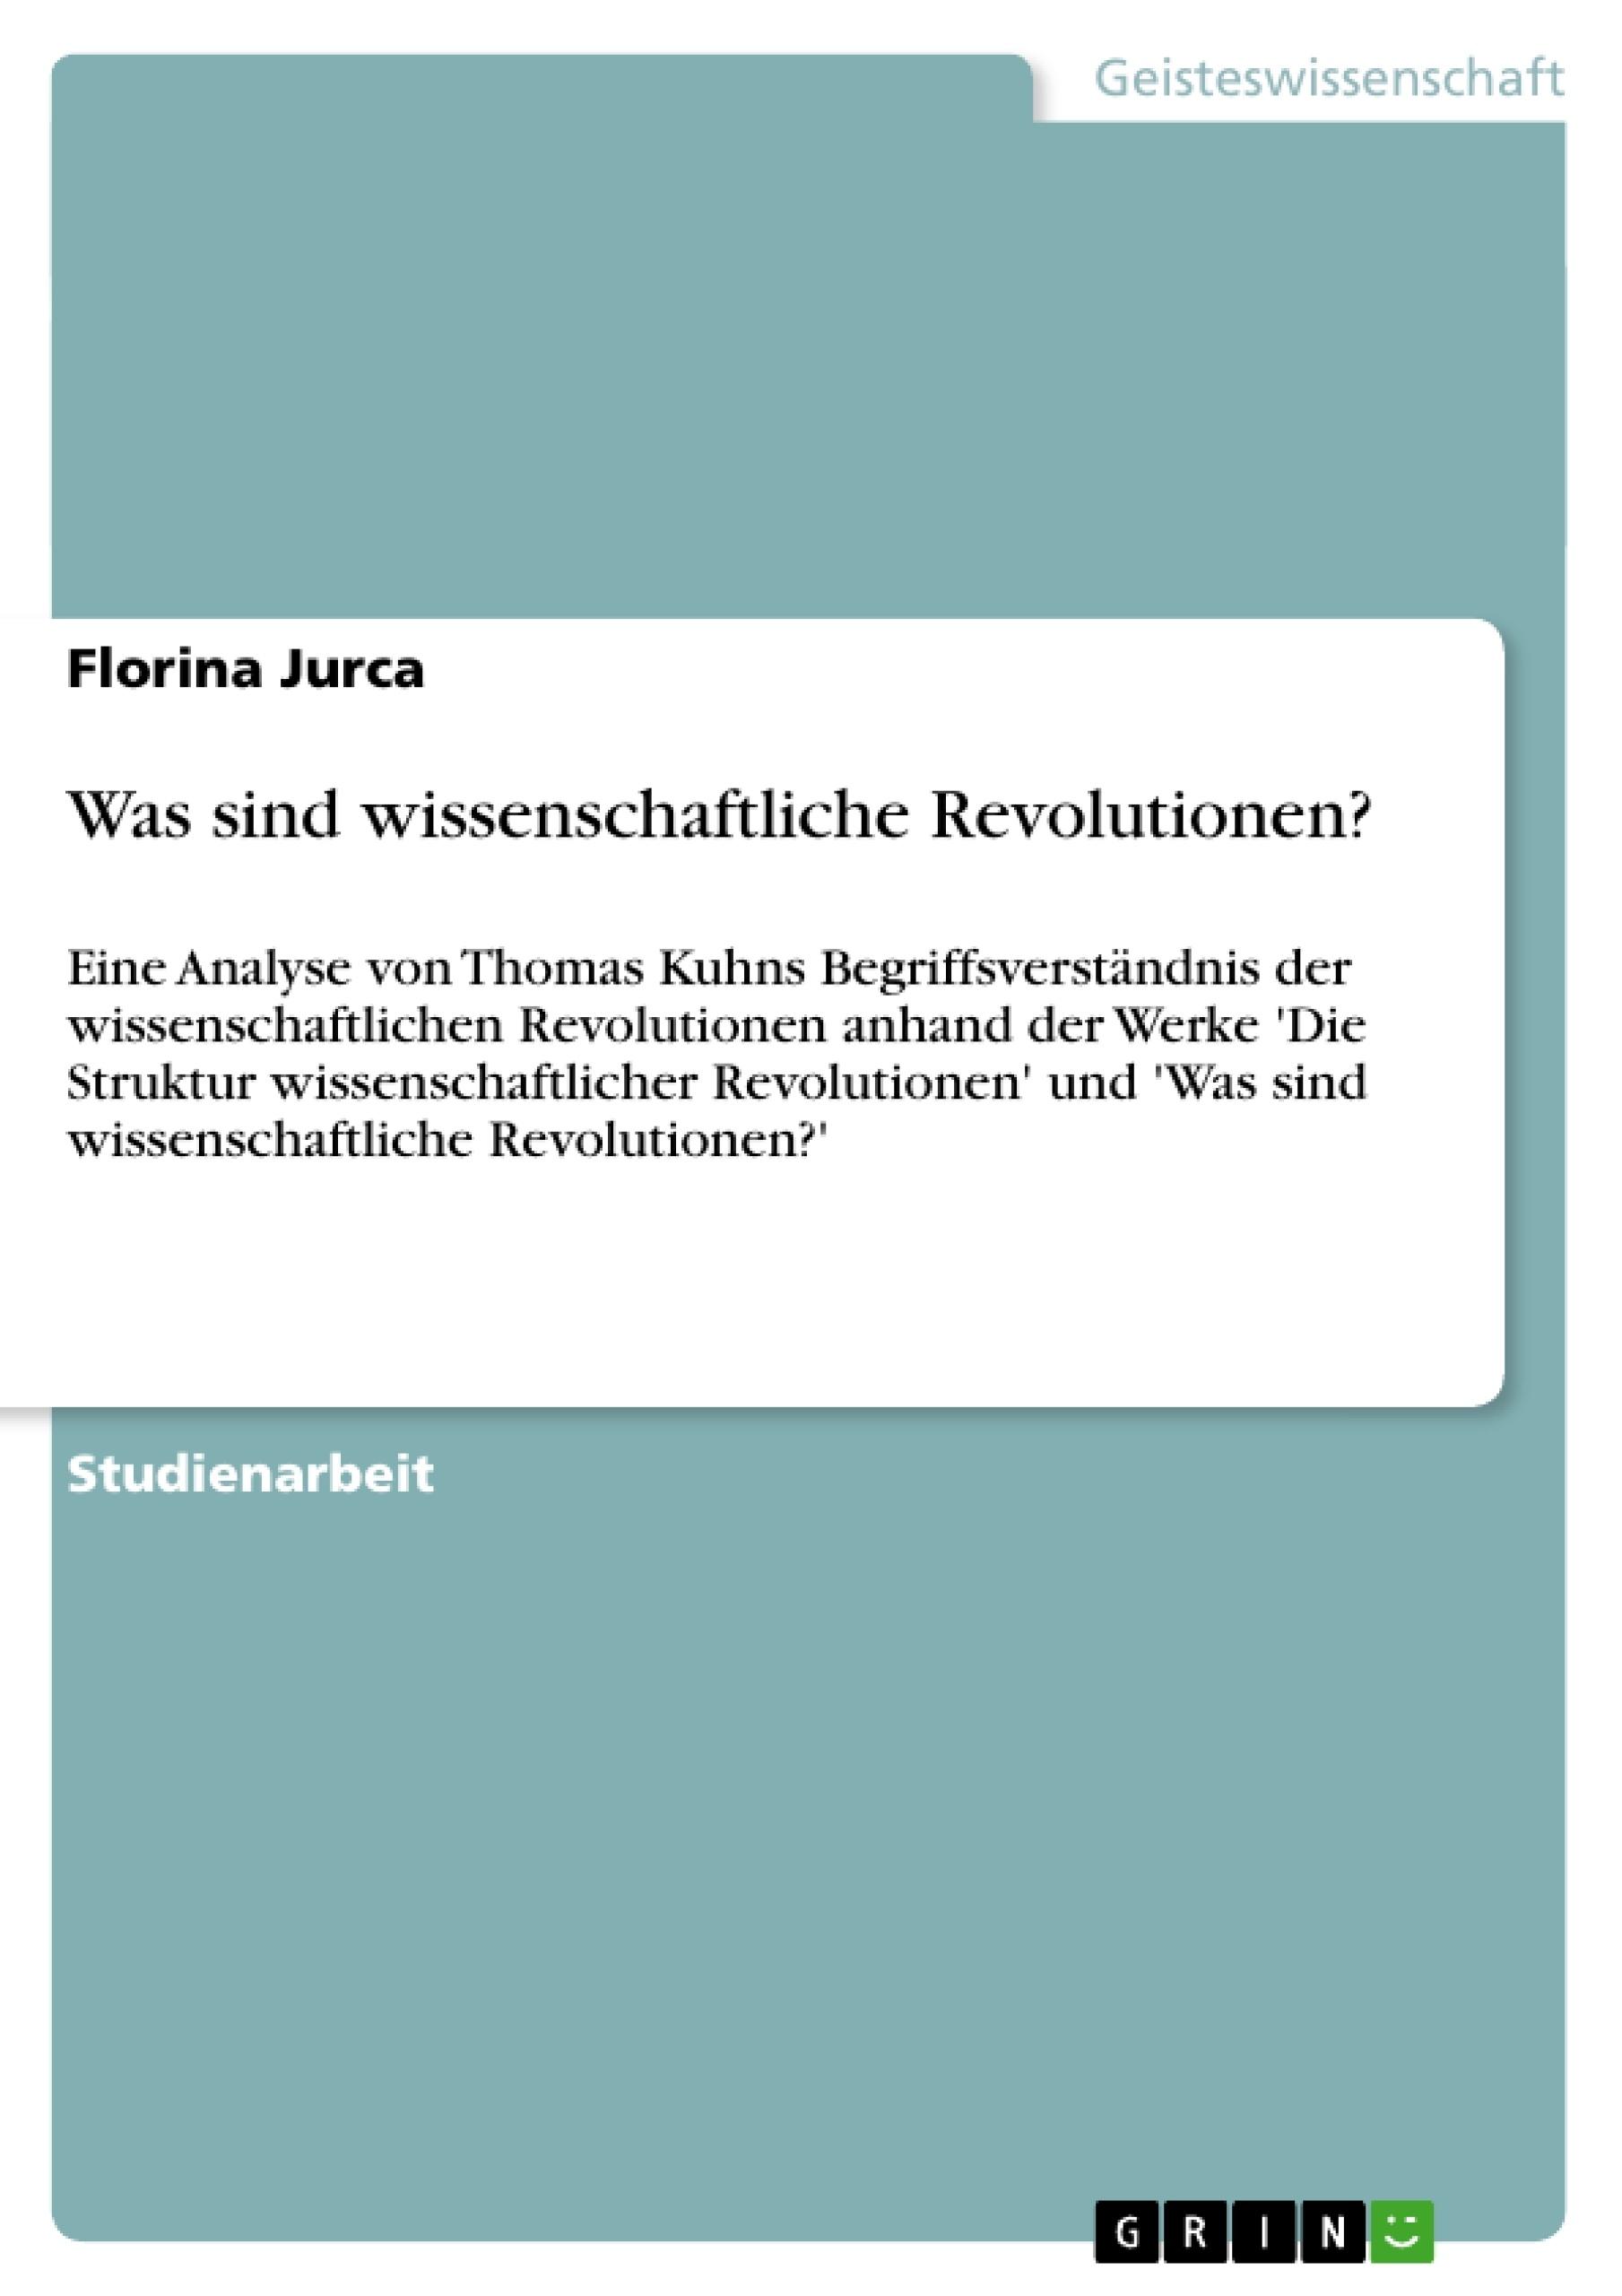 Titel: Was sind wissenschaftliche Revolutionen?